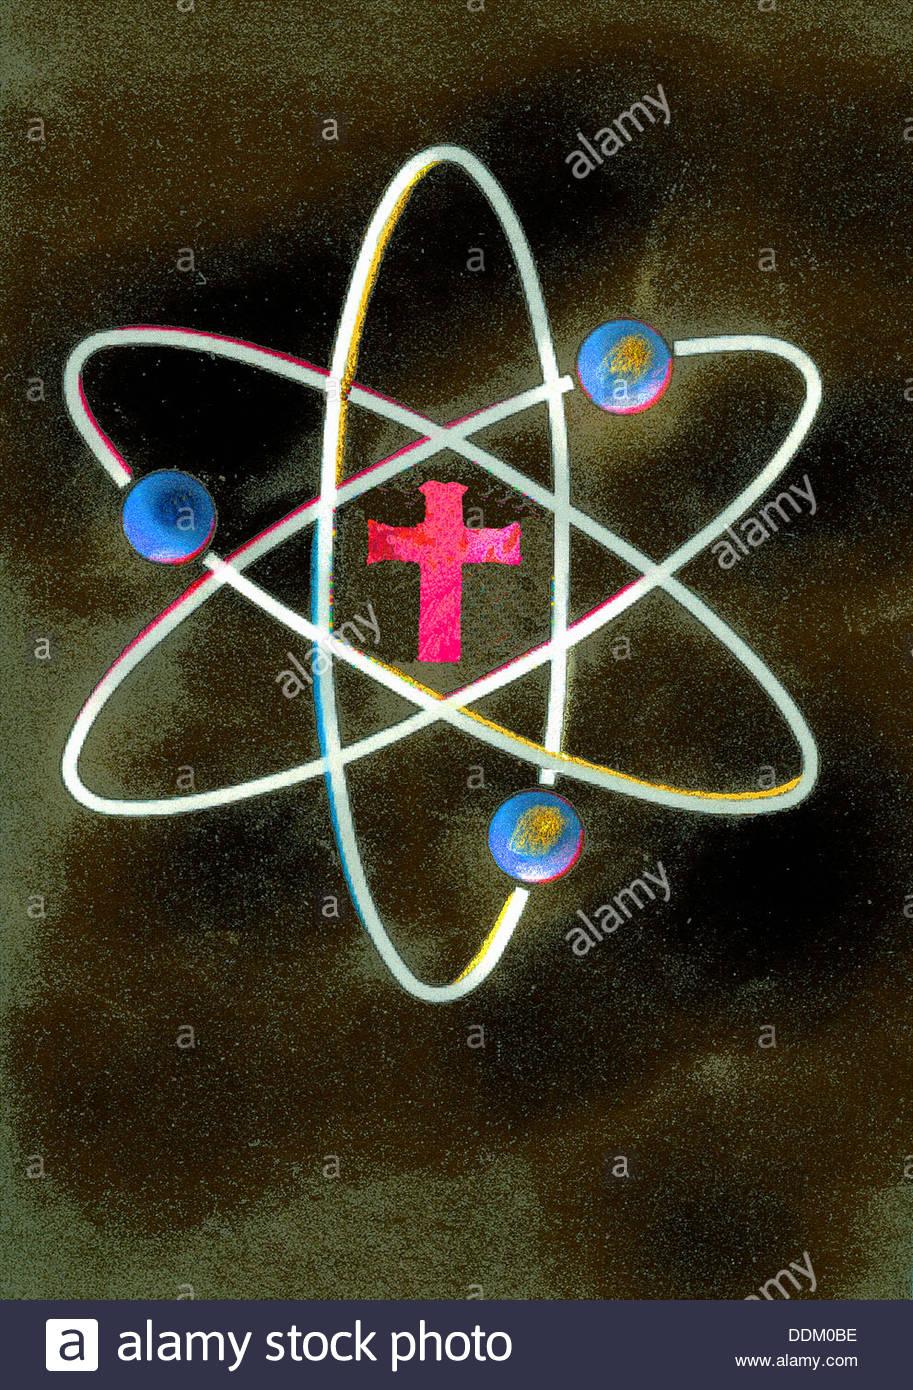 Cruz en el centro del símbolo de atom Imagen De Stock